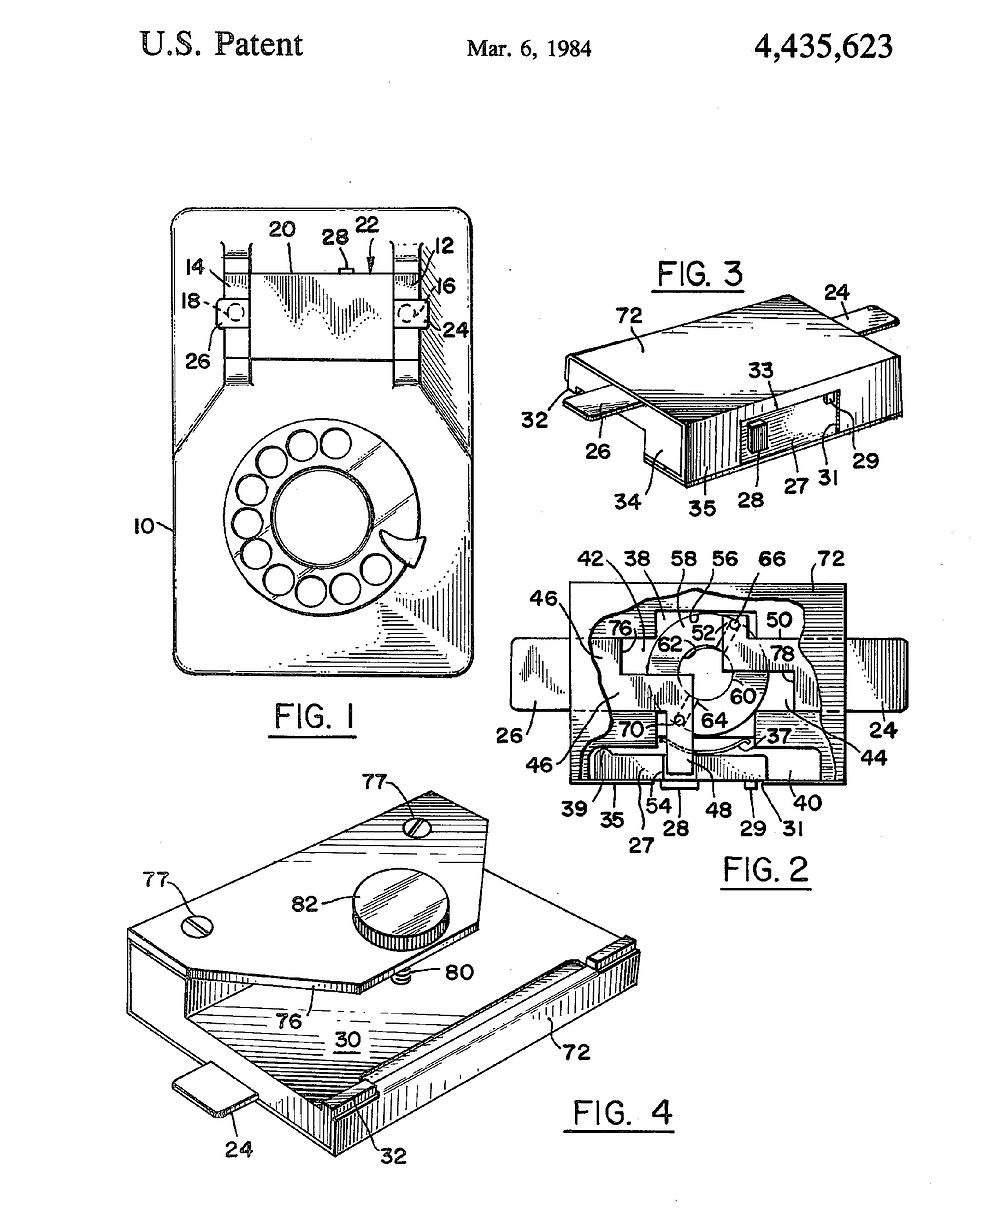 US Patent 4,435,623